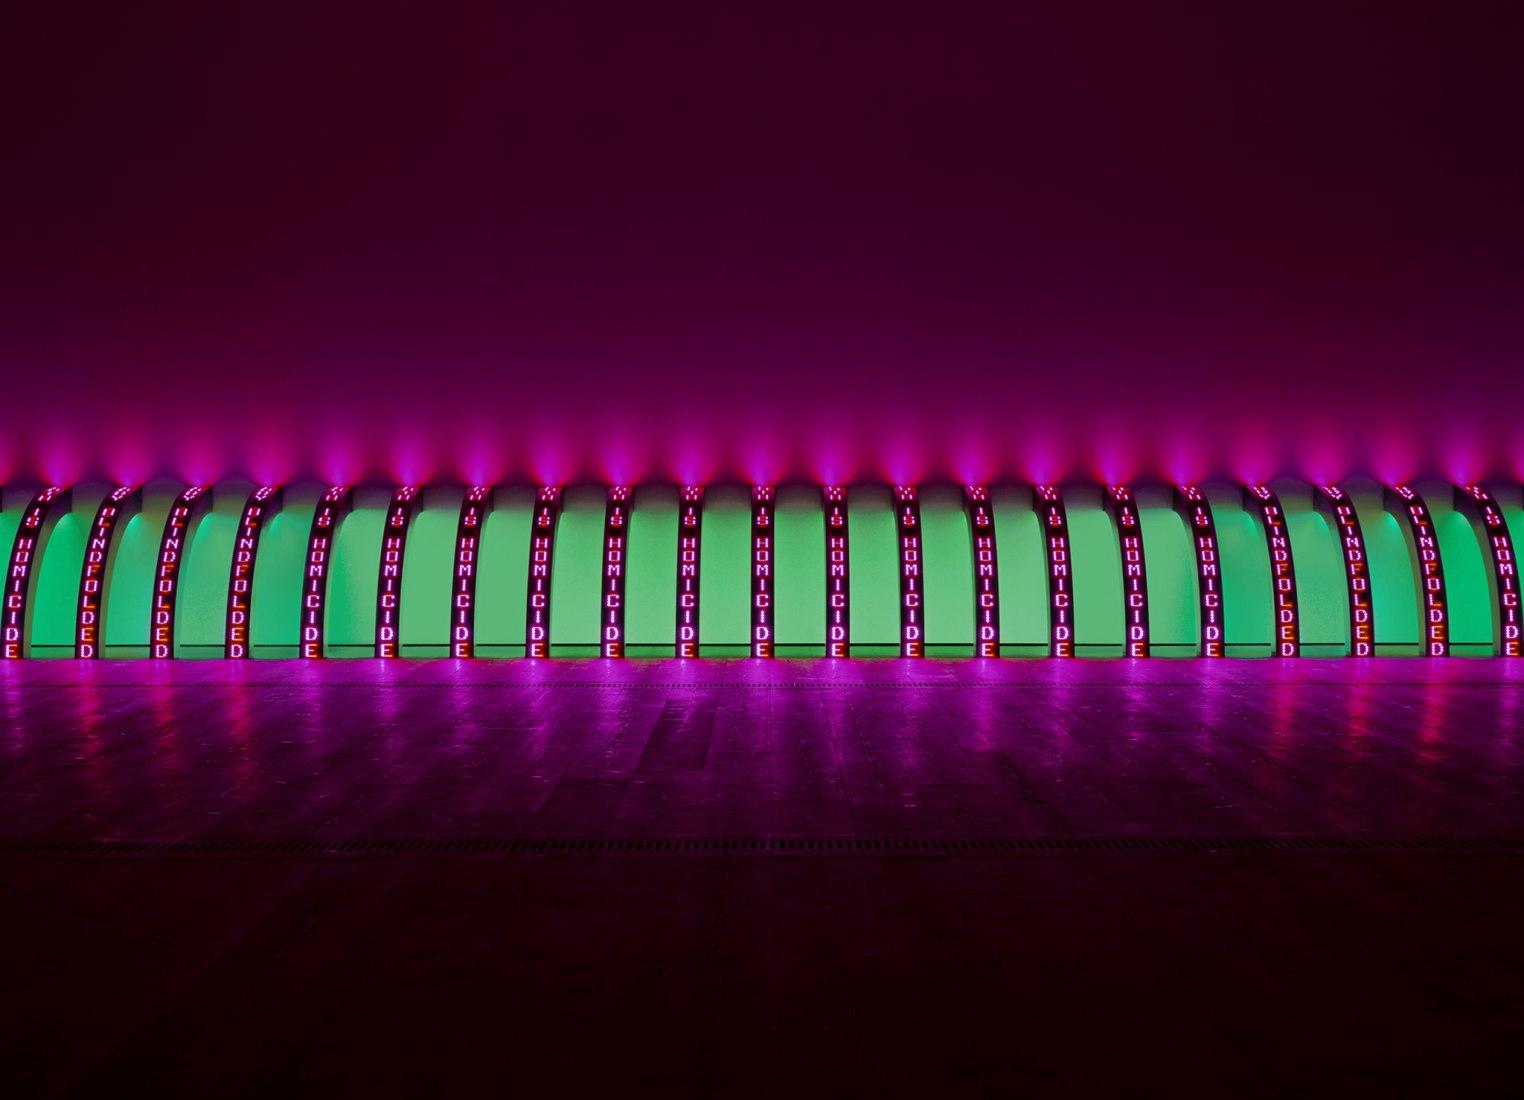 Jenny Holzer. Purple (Púrpura), 2008. 20 rótulos de leds azules, verdes, rojos y blancos. Cada uno: 148,1 x 13,3 x 14,8 cm. Texto: documentos del Gobierno estadounidense. Cortesía de la artista © 2019 Jenny Holzer, member Artists Rights Society (ARS), NY/VEGAP. Fotografía de Collin LaFleche.